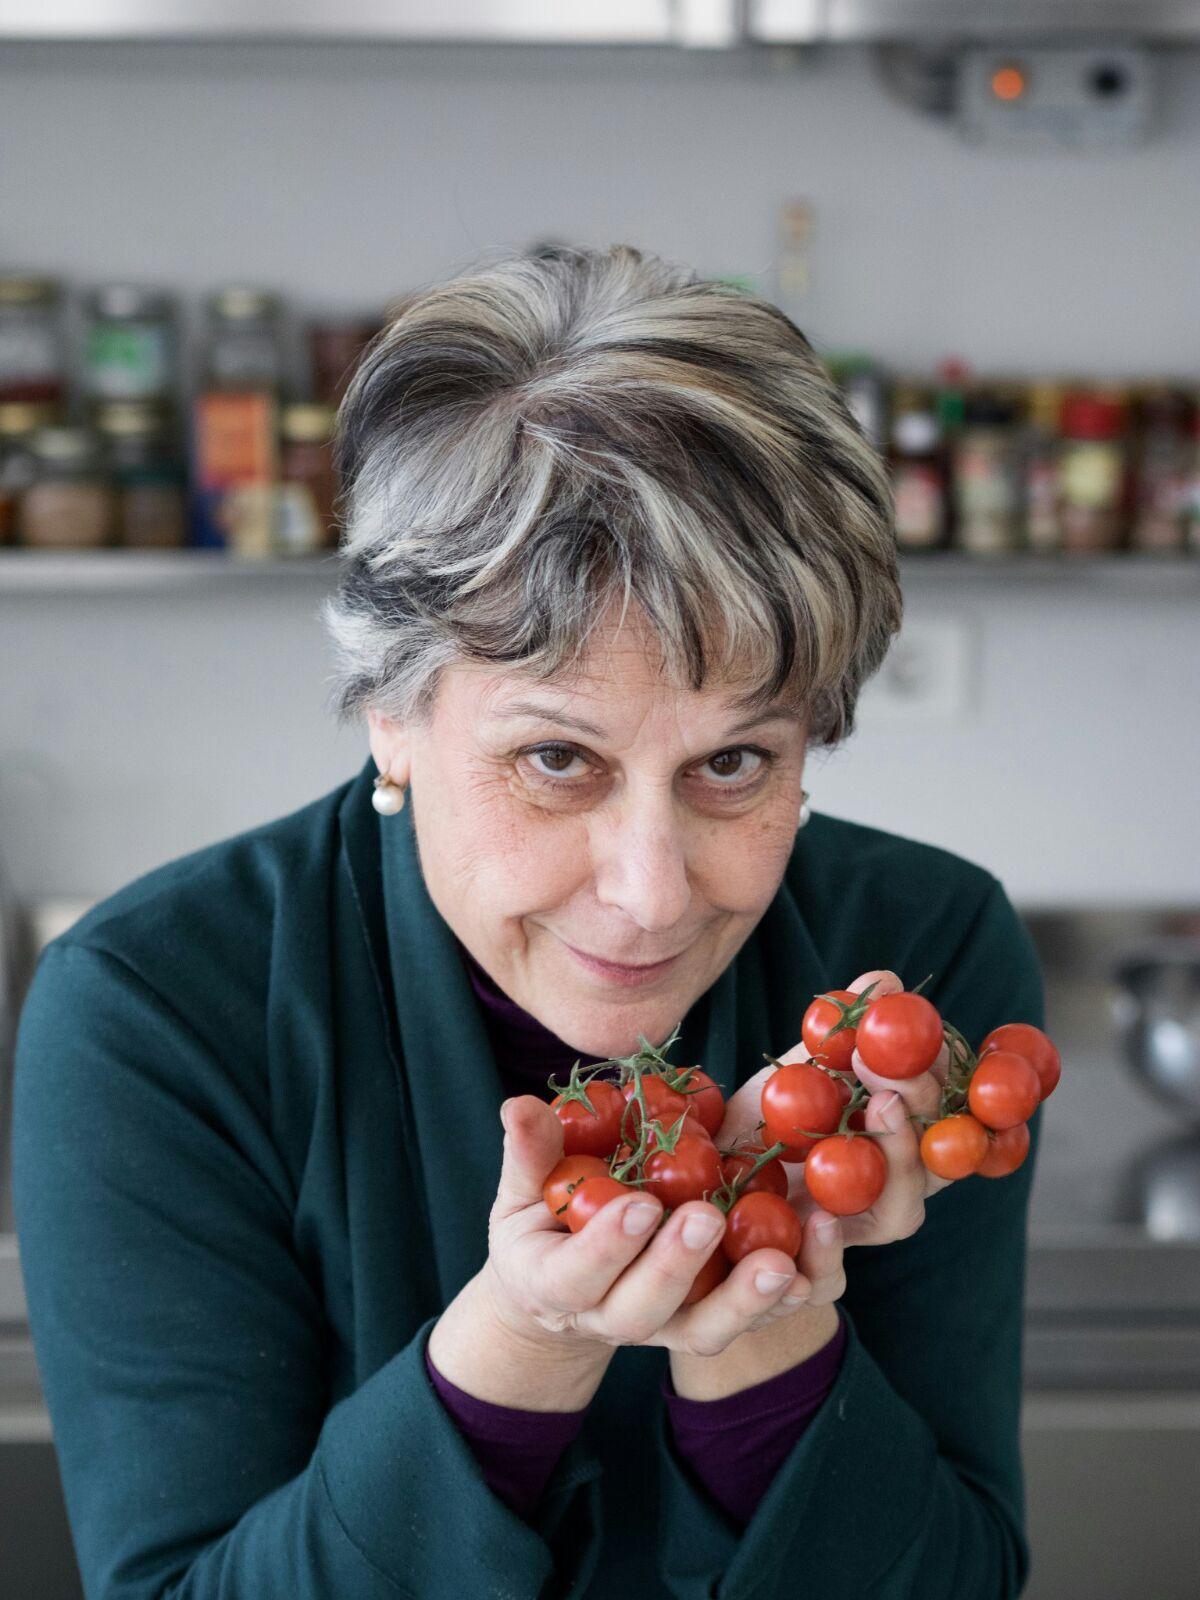 La scrittrice palermitana Simonetta Agnello Hornby